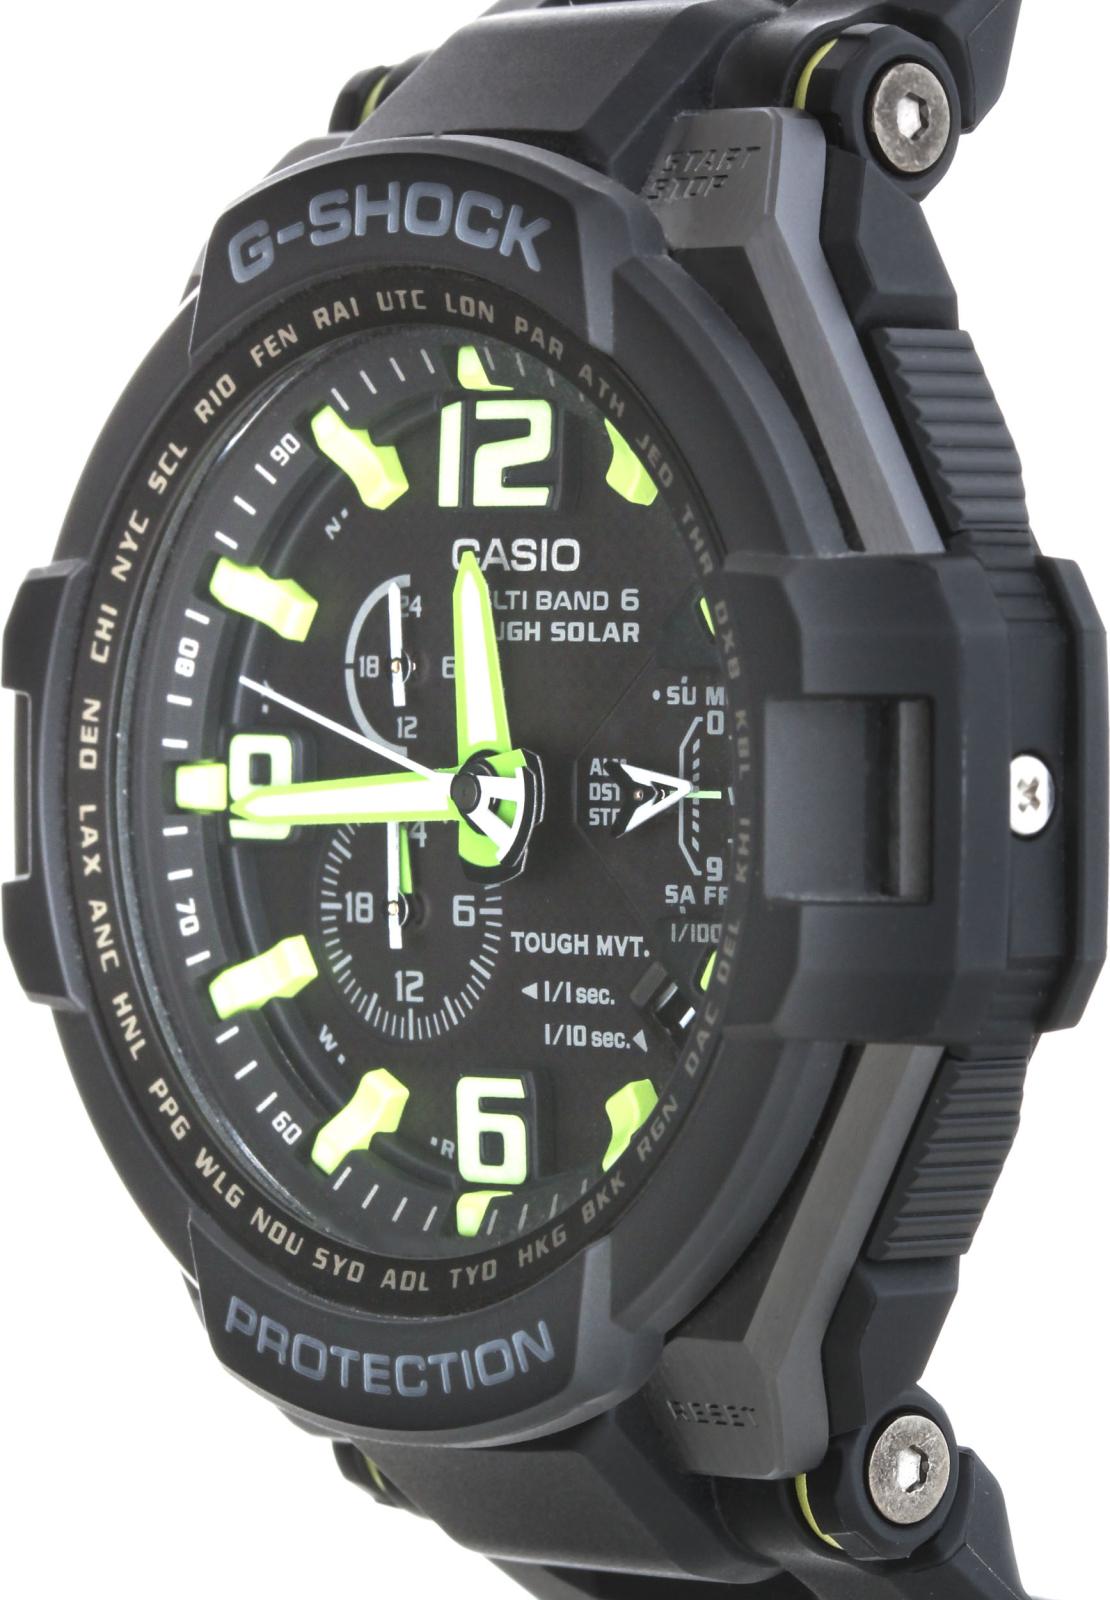 Casio G-shock GW-4000-1A3Наручные часы<br>Японские часы Casio G-shock GW-4000-1A3Модель входит в коллекцию G-shock. Это мужские часы. Материал корпуса часов &amp;mdash; сталь+пластик. В этих часах используется минеральное стекло. Часы этой модели обладают водозащитой 200 м. Основной цвет циферблата черный. Из основных функций на циферблате представлены: часы, минуты, секунды. В этих часах используются такие усложнения как дата, день недели, сложный календарь, второе поясное время, будильник, . Диаметр корпуса 50х53мм.<br><br>Пол: Мужские<br>Страна-производитель: None<br>Механизм: Кварцевый<br>Материал корпуса: Сталь+пластик<br>Материал ремня/браслета: Каучук<br>Водозащита, диапазон: None<br>Стекло: Минеральное<br>Толщина корпуса: 16<br>Стиль: Классика